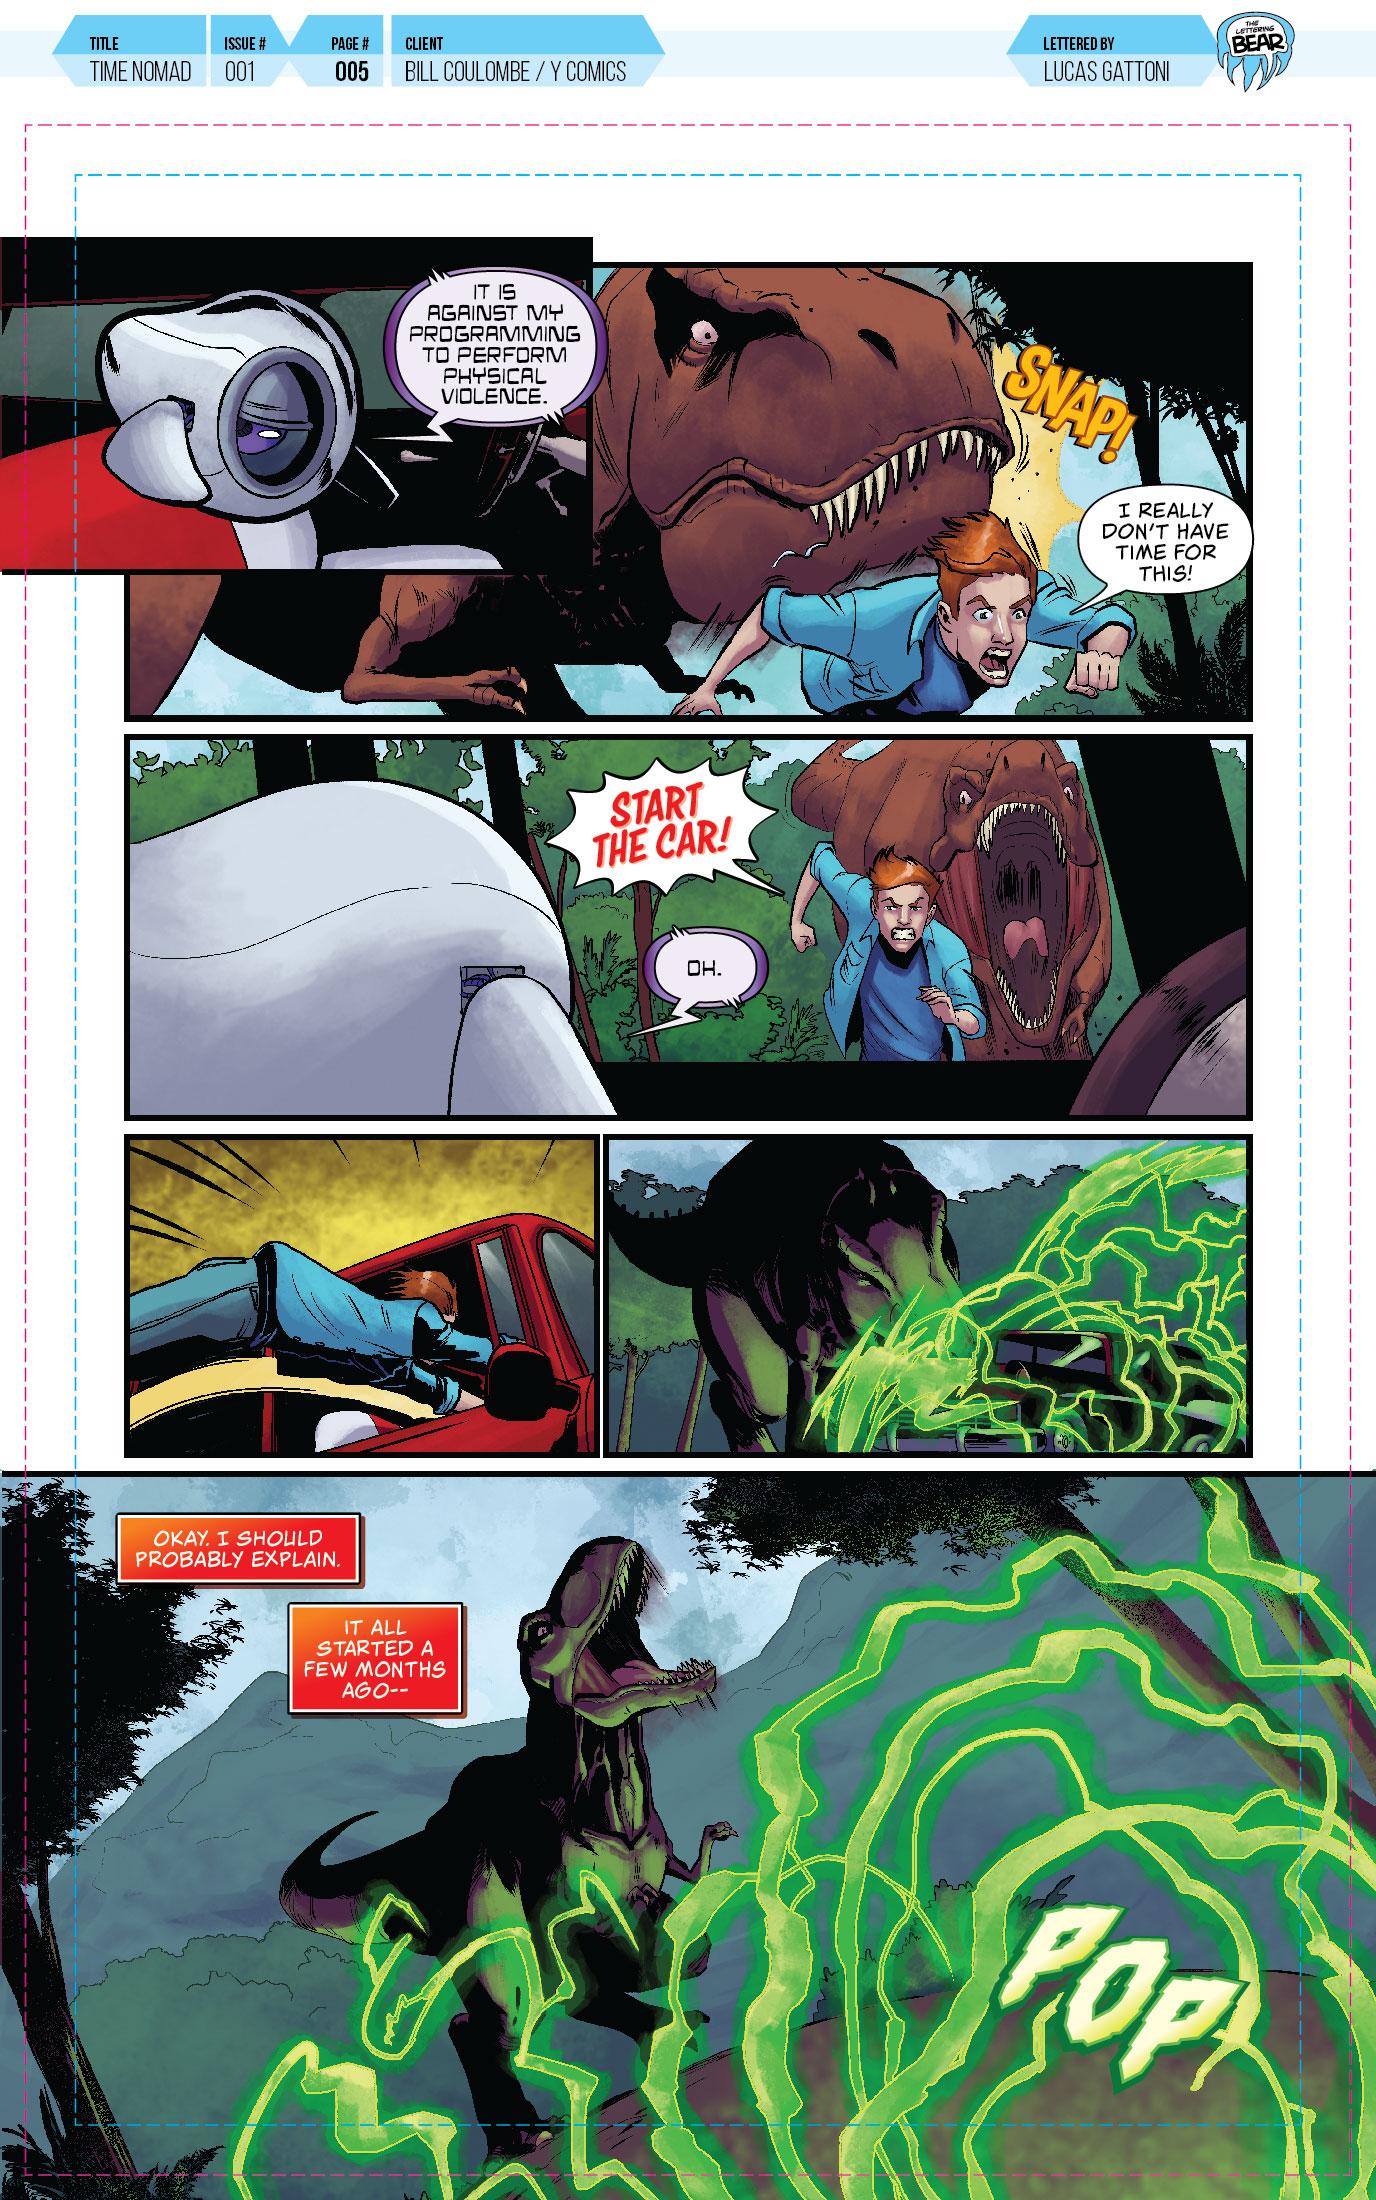 Time Nomad 001 - Page 005-v1.jpg